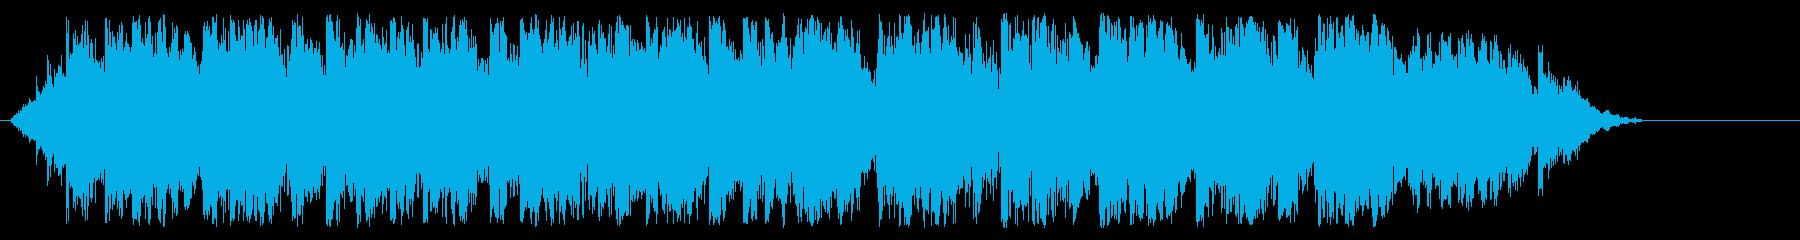 カリヨンの鐘の再生済みの波形